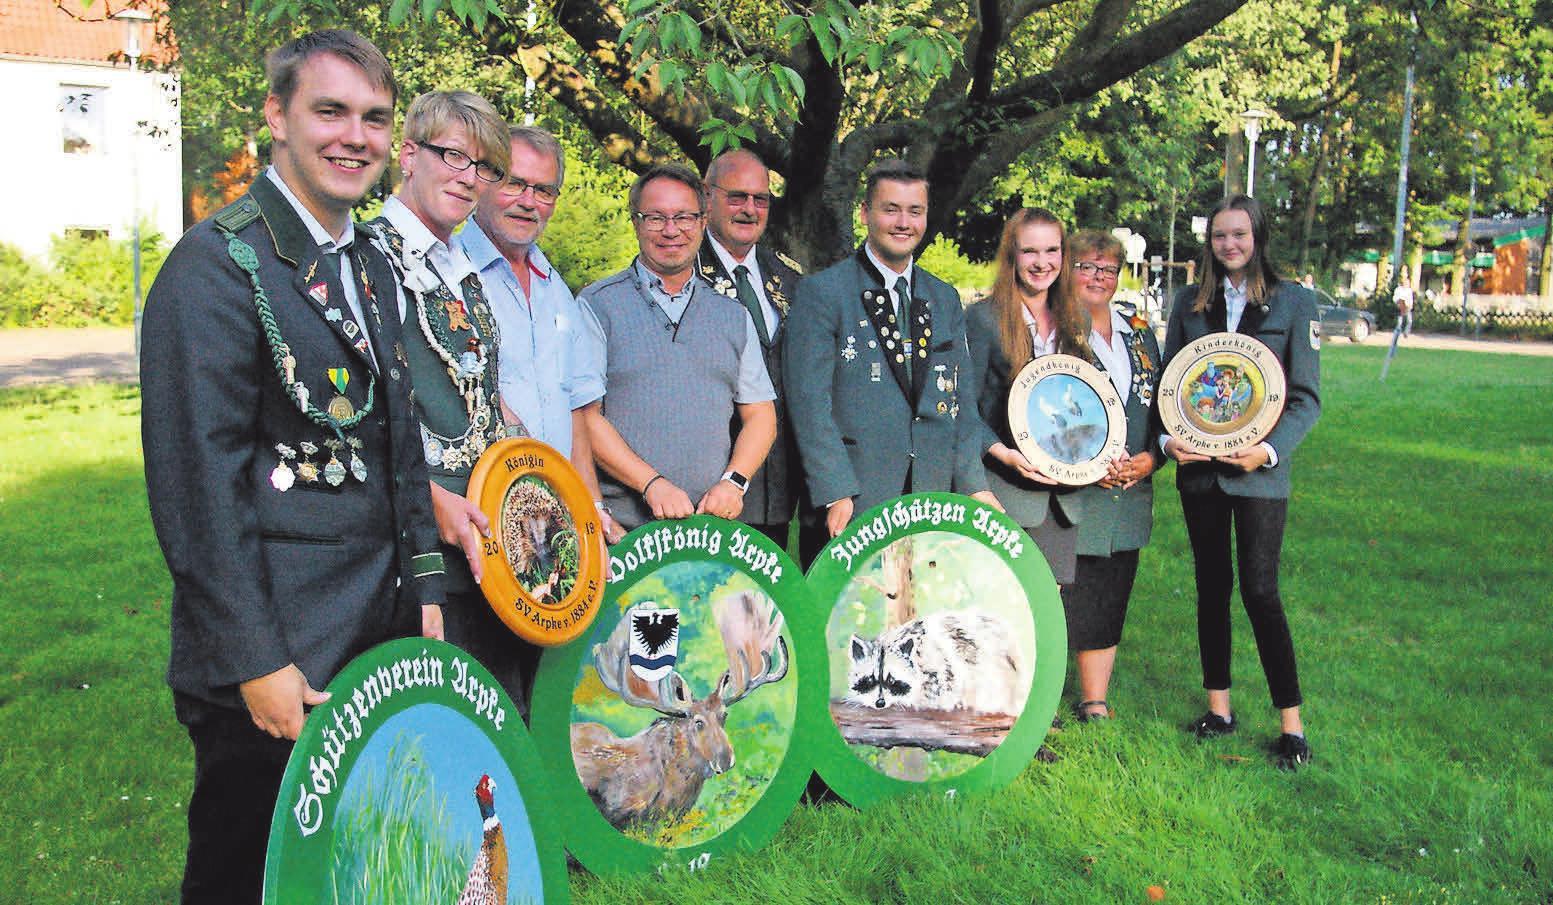 Die neuen Majestäten: Maurice Grewe (von links), Jana Schwentesius, Bürgermeister Klaus Schulz, Carsten Thiele, Vereinschef Edmund Potratz, Nick Jeske, Michelle Brennecke, 2. Schießsportleiterin Tanja Scholz und Mia Lechner.